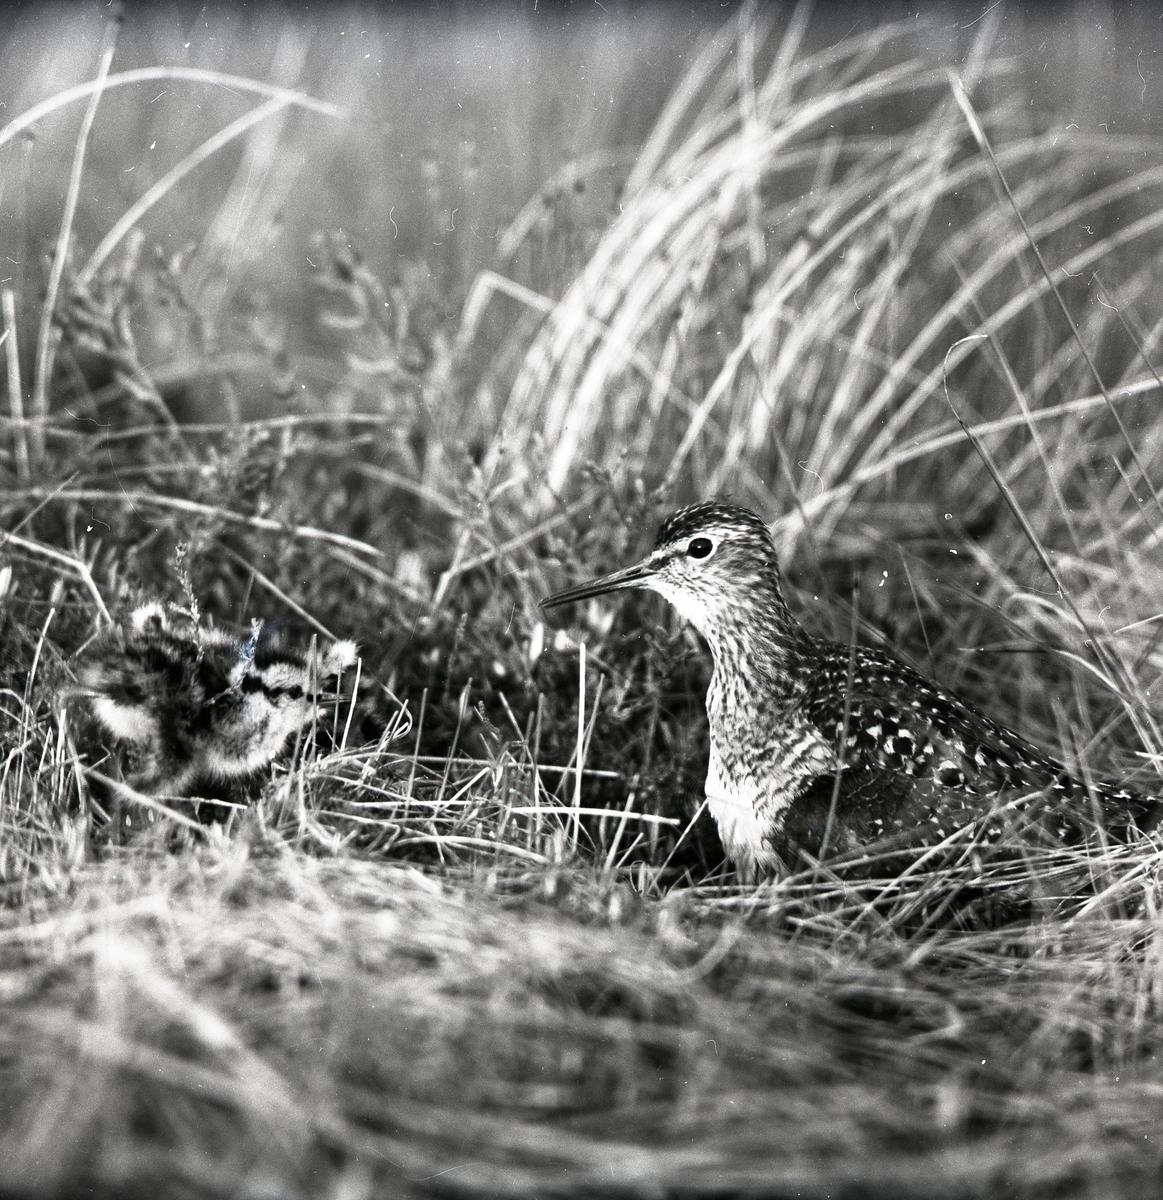 En grönbena med unge i gräset vid Forneby, 18 juni 1956.